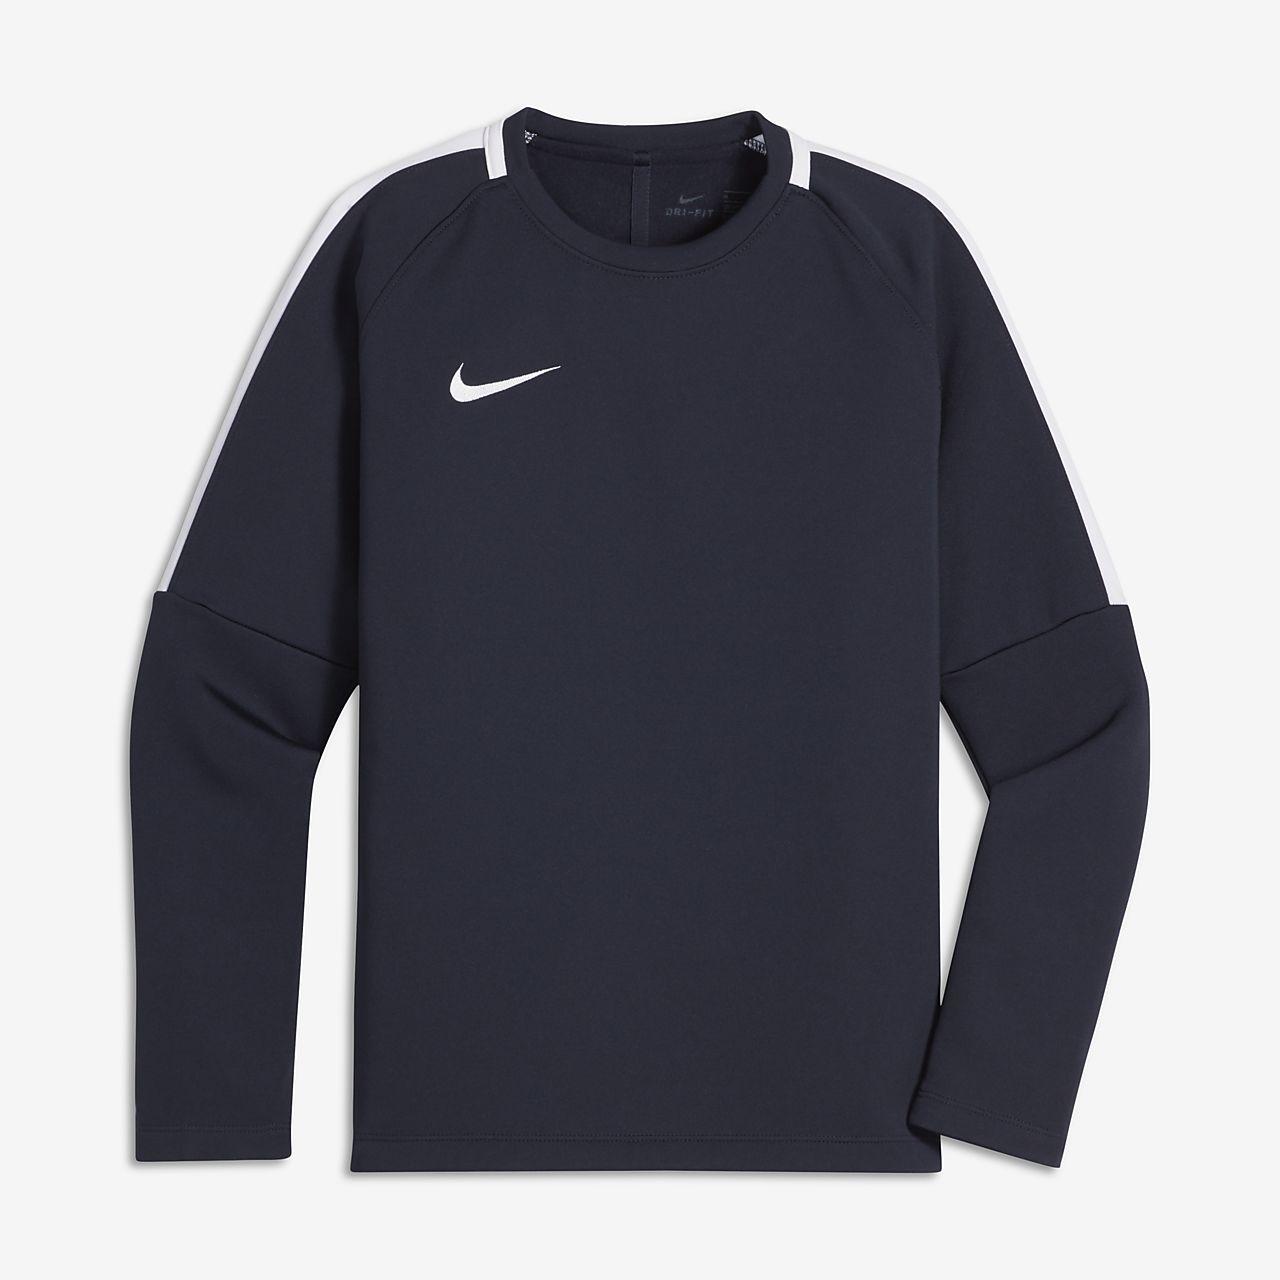 Nike Dri-FIT Academy Voetbalshirt met ronde hals voor jongens